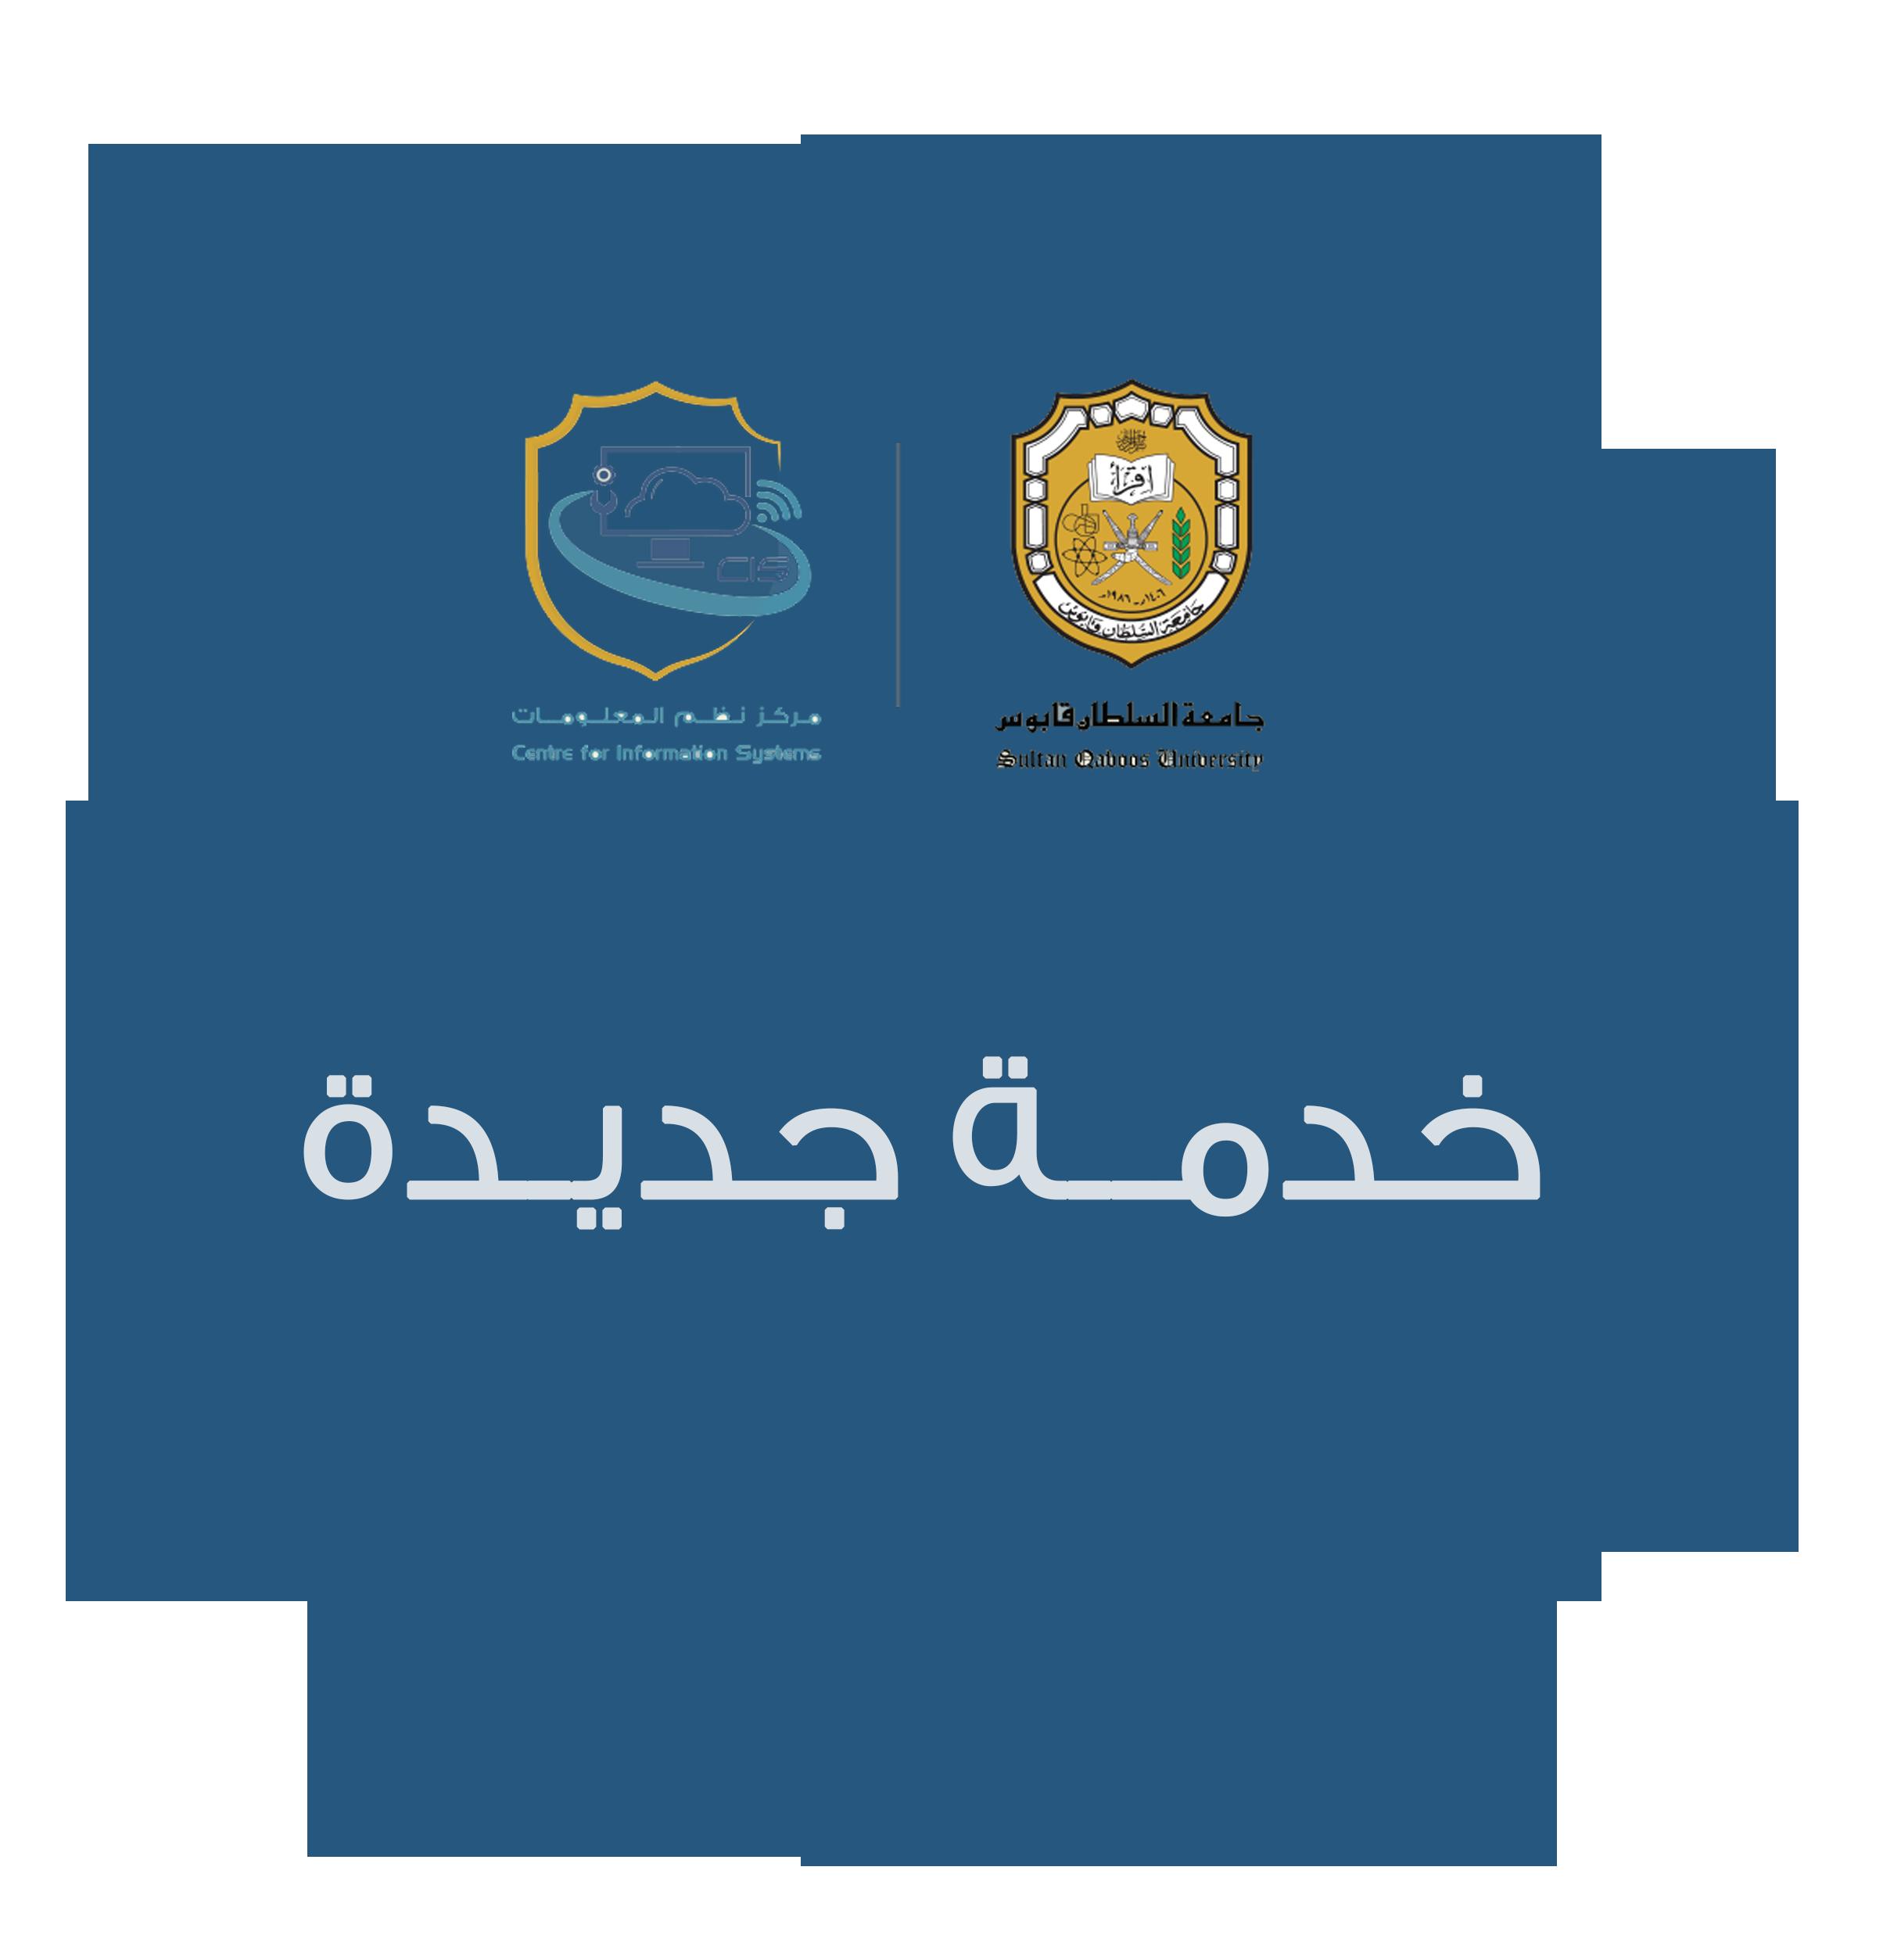 حساب رسمي لمركز نظم المعلومات في تويتر